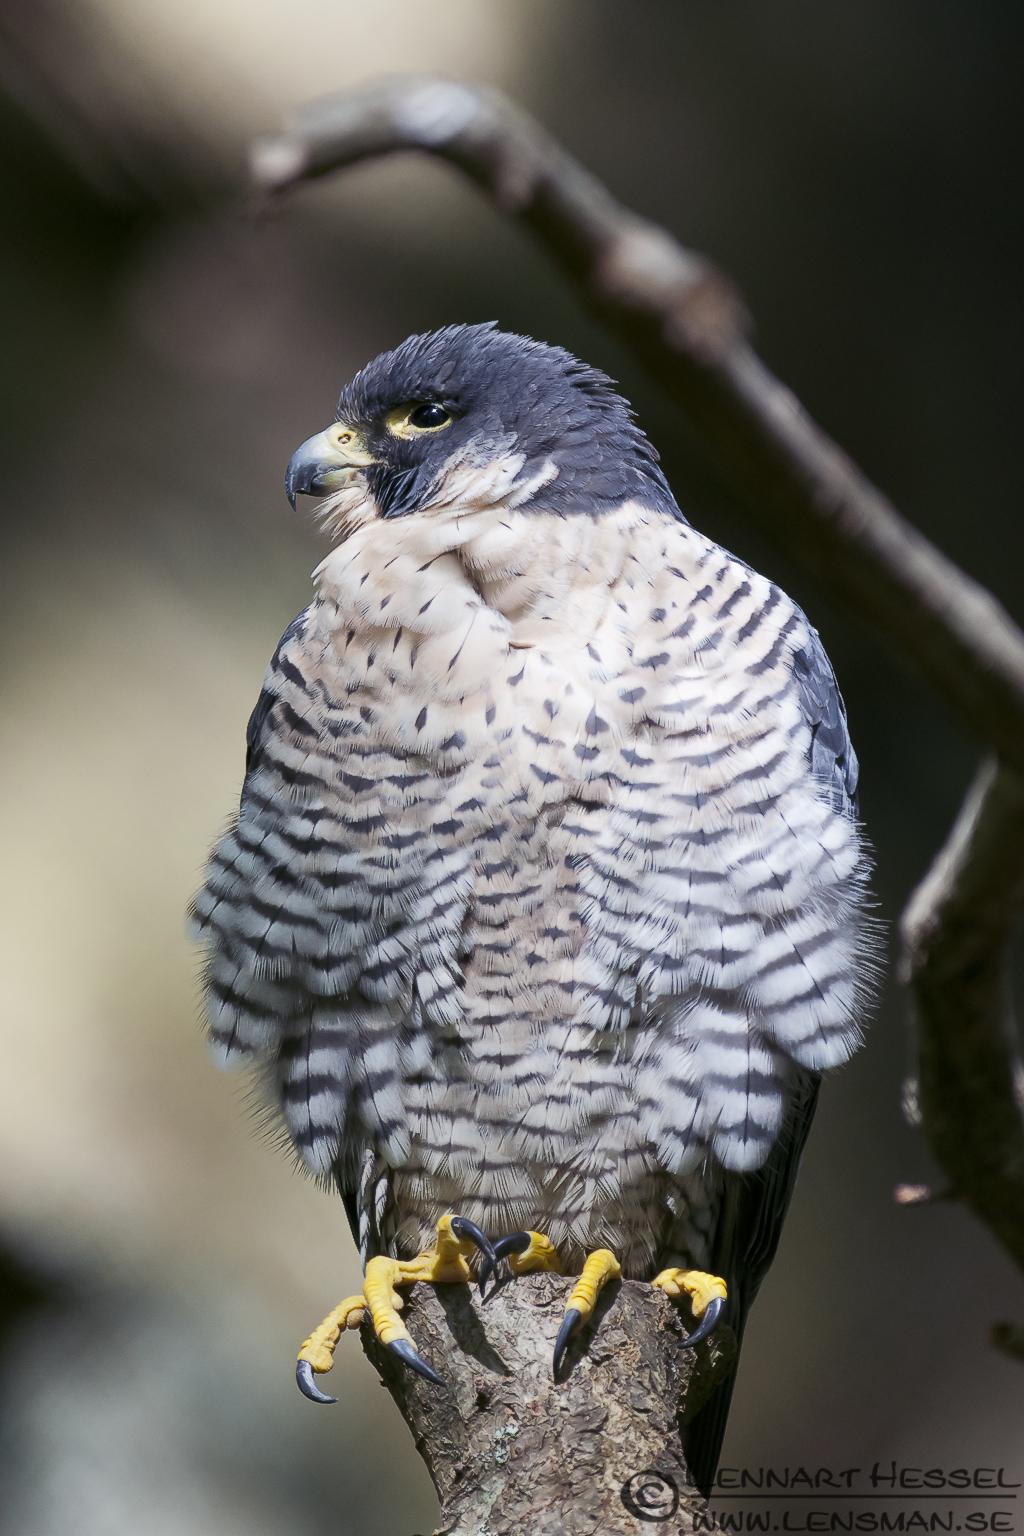 Peregrine Falcon, photo taken at Nordens Ark